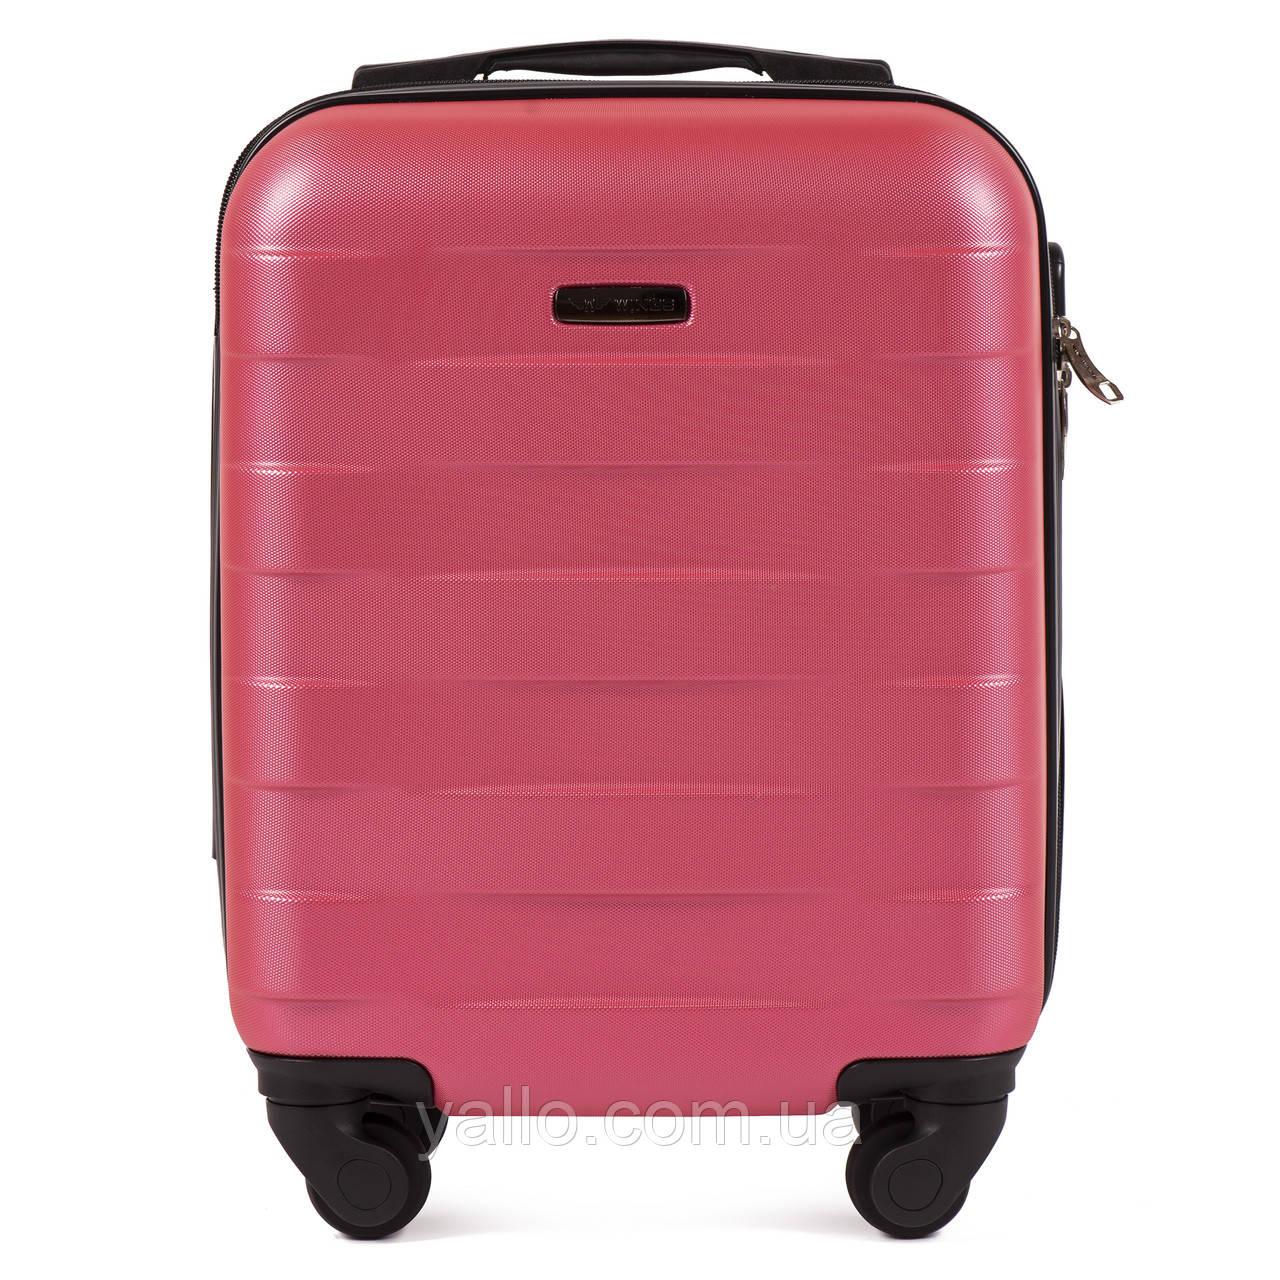 Чемодан Ударостойкий Самый малый чемодан из поликарбоната WINGS 401 CARBON RED ROSE